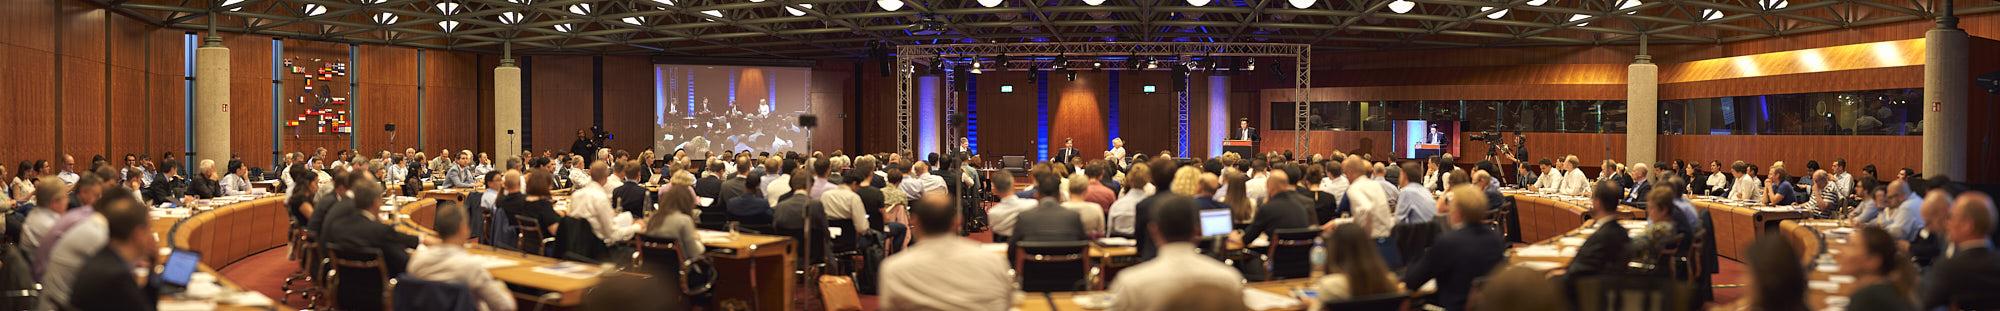 Eventfotograf_Muenchen 40.jpg